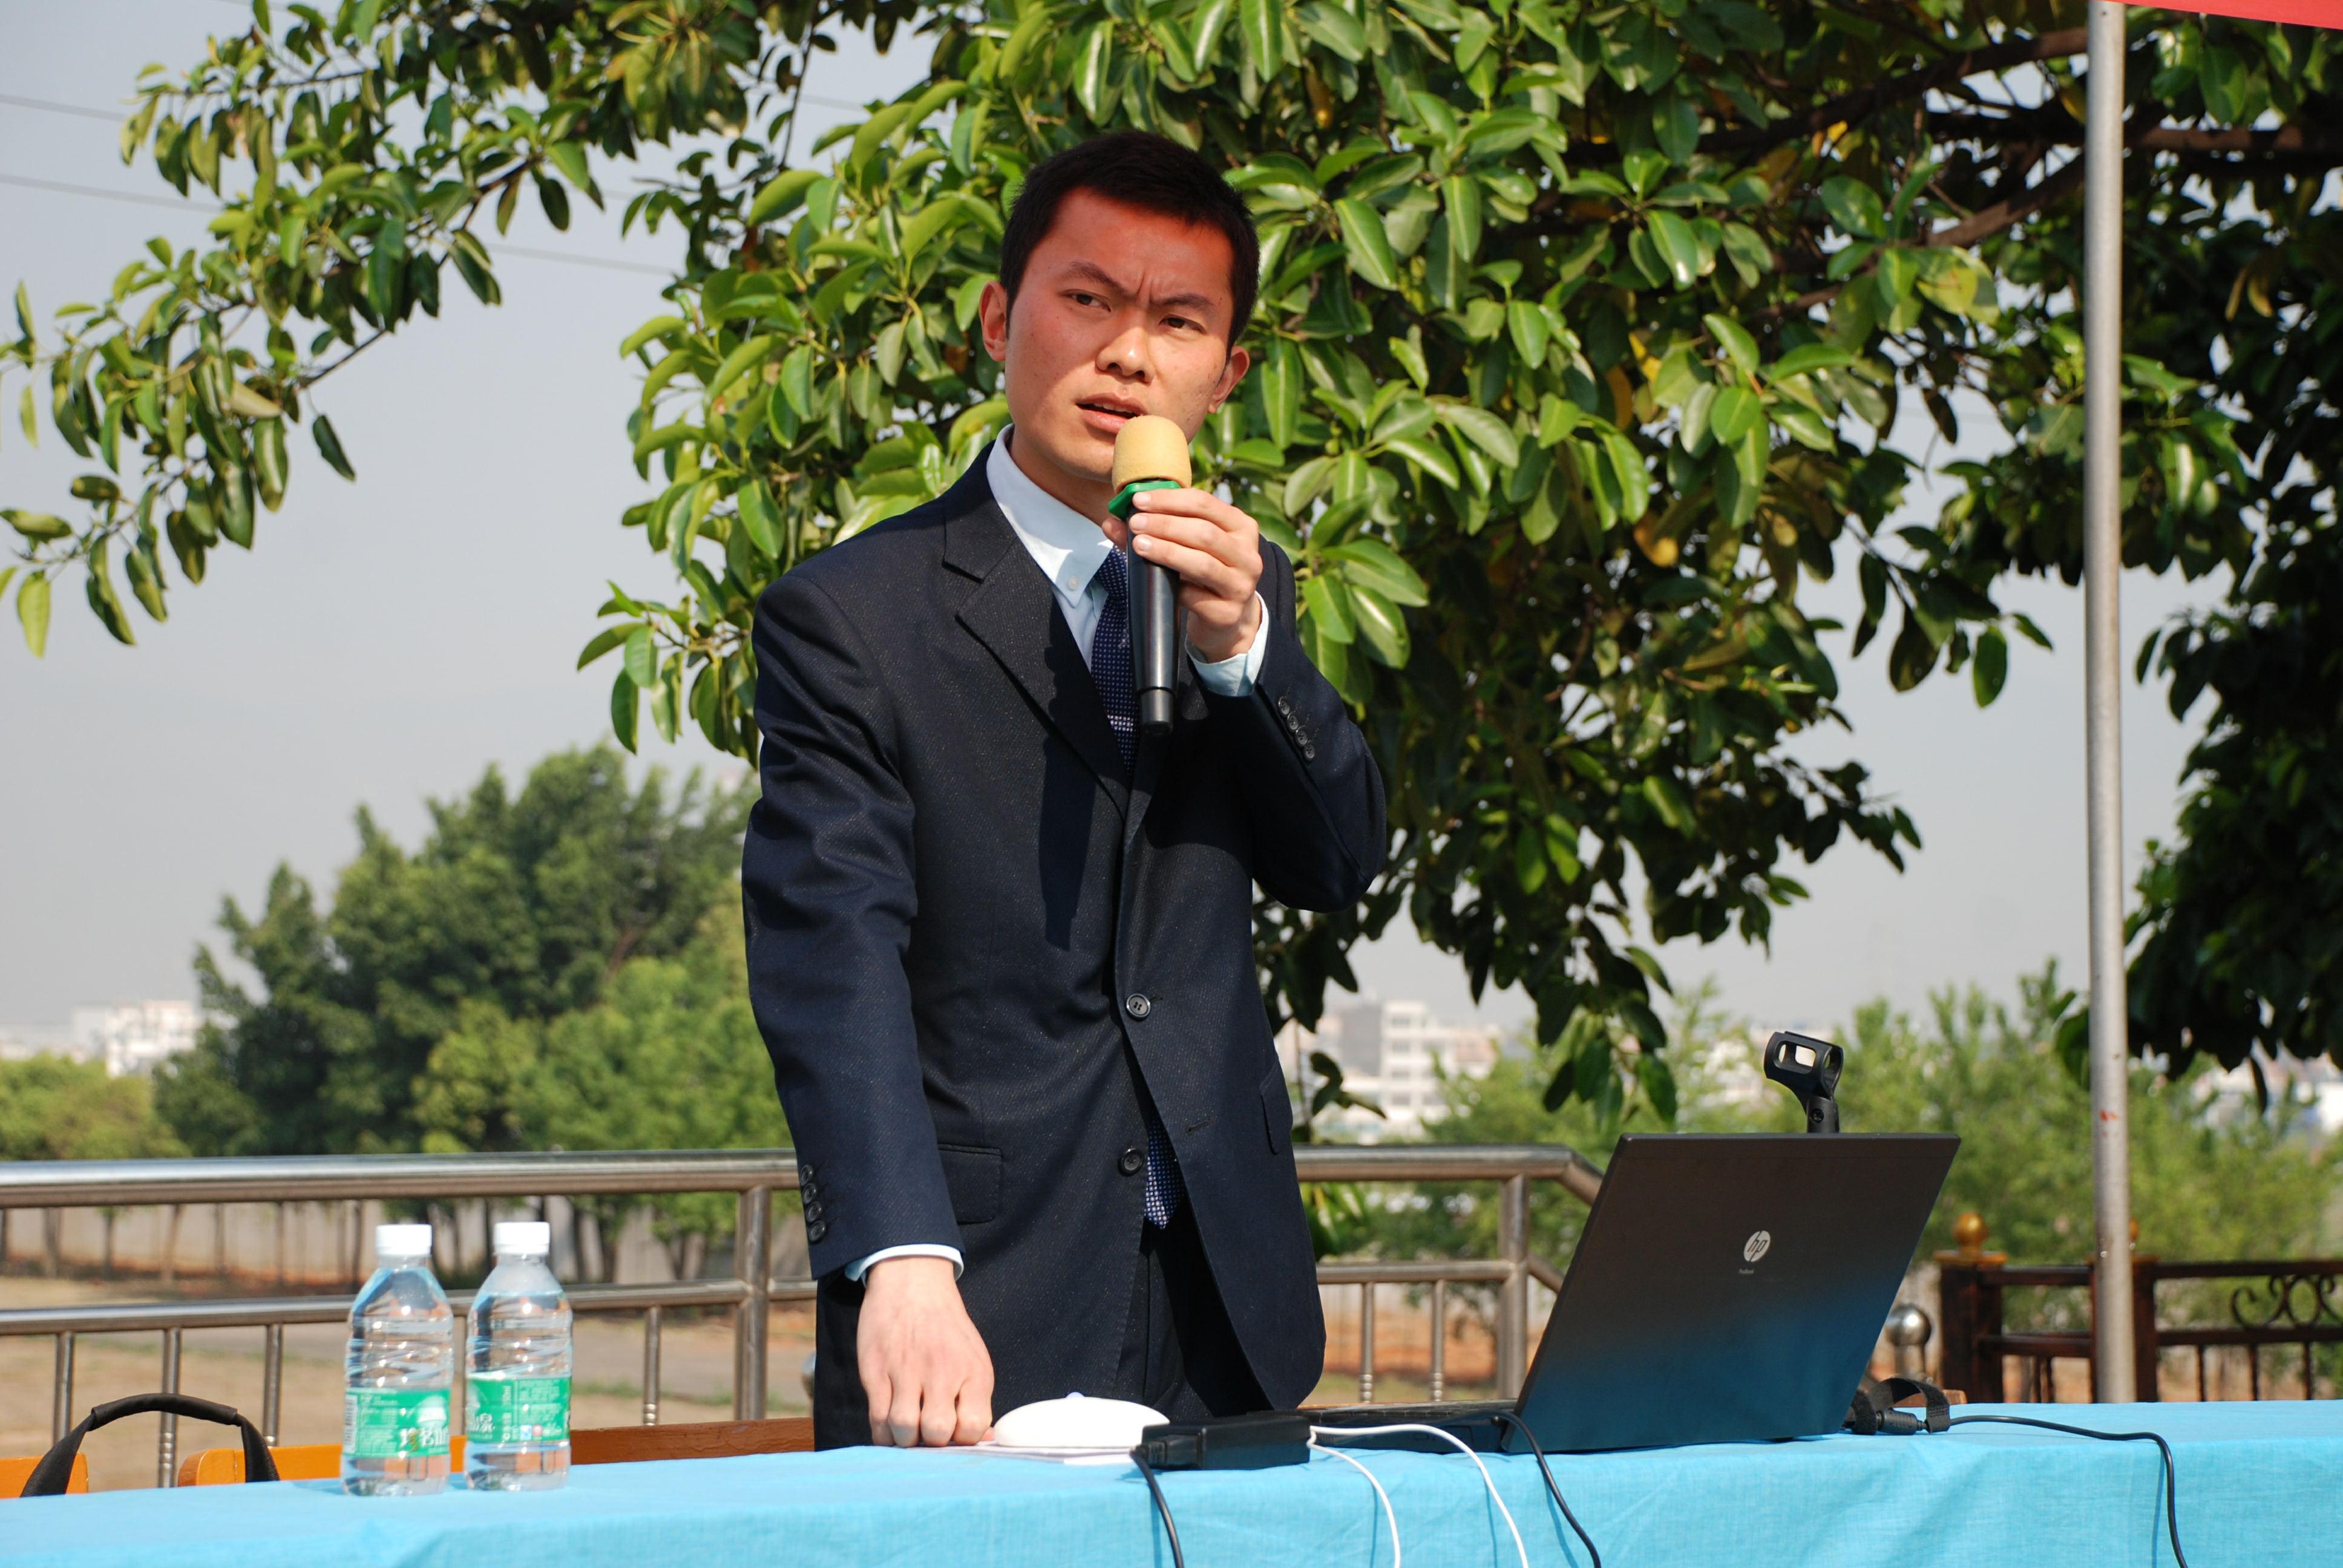 罗桂勇律师开展讲座